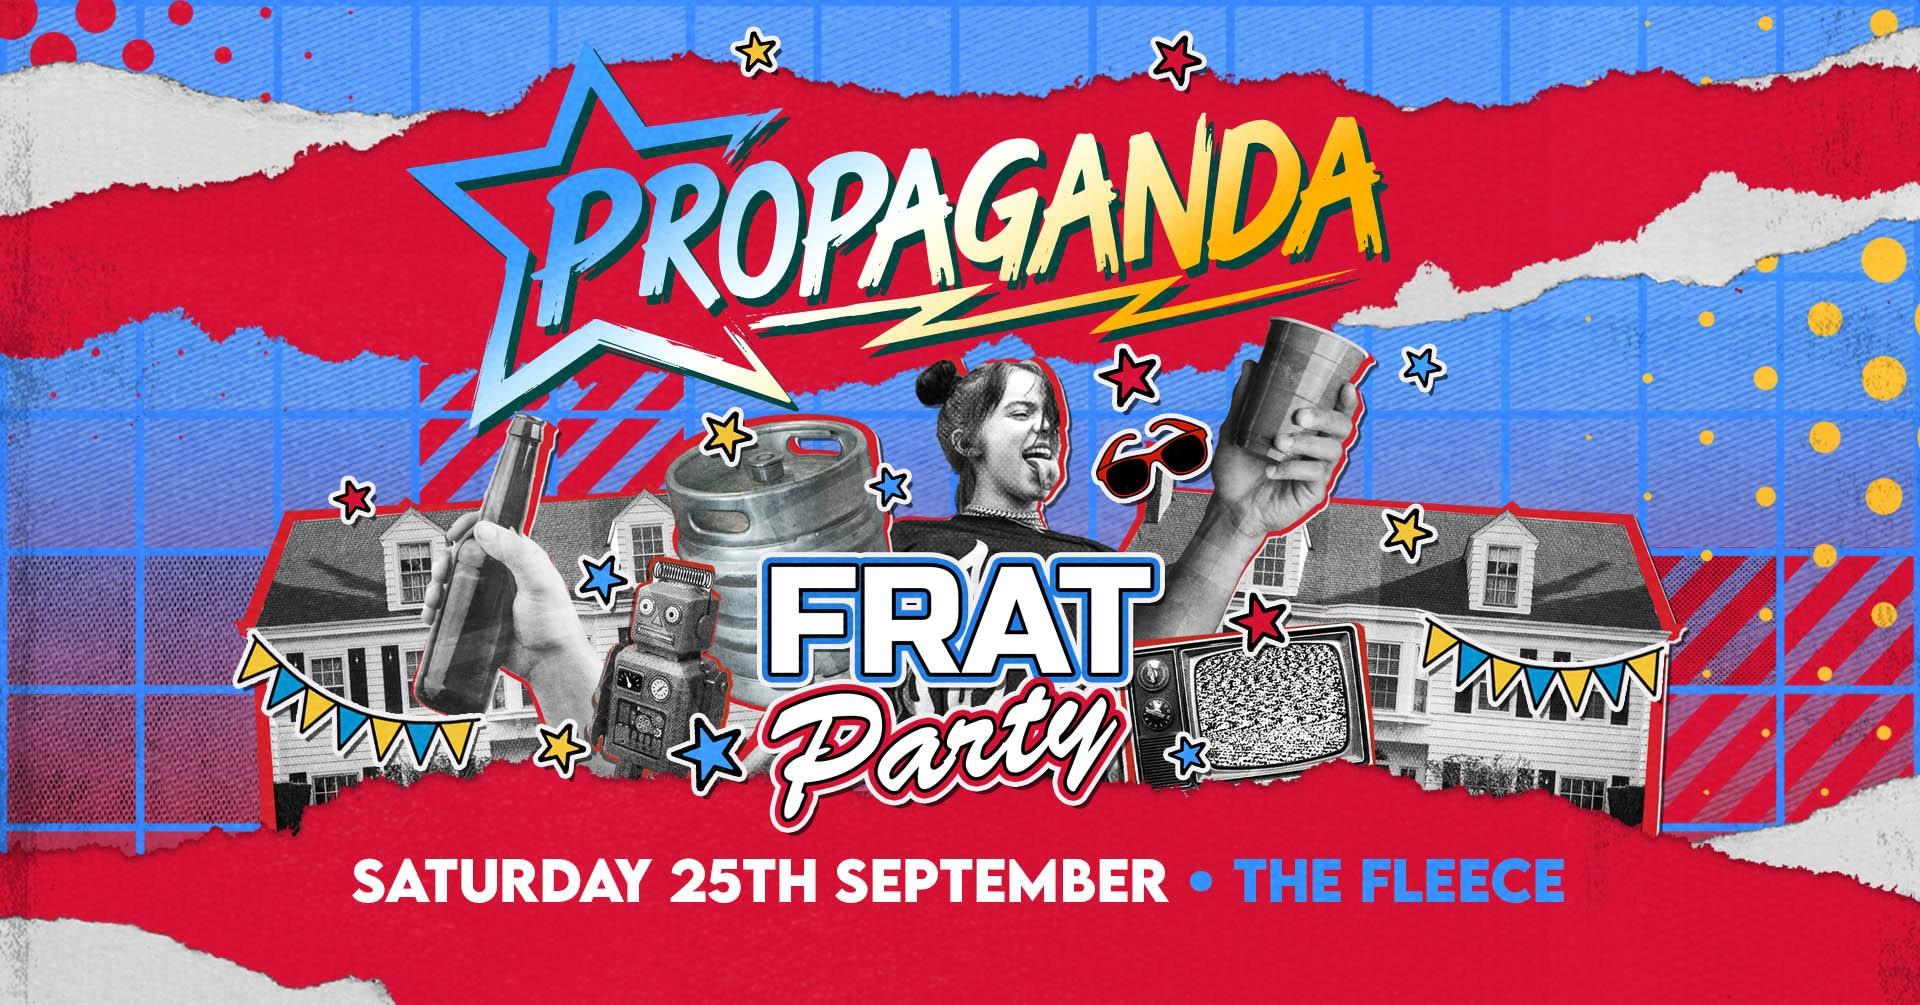 Propaganda Bristol – Frat Party!